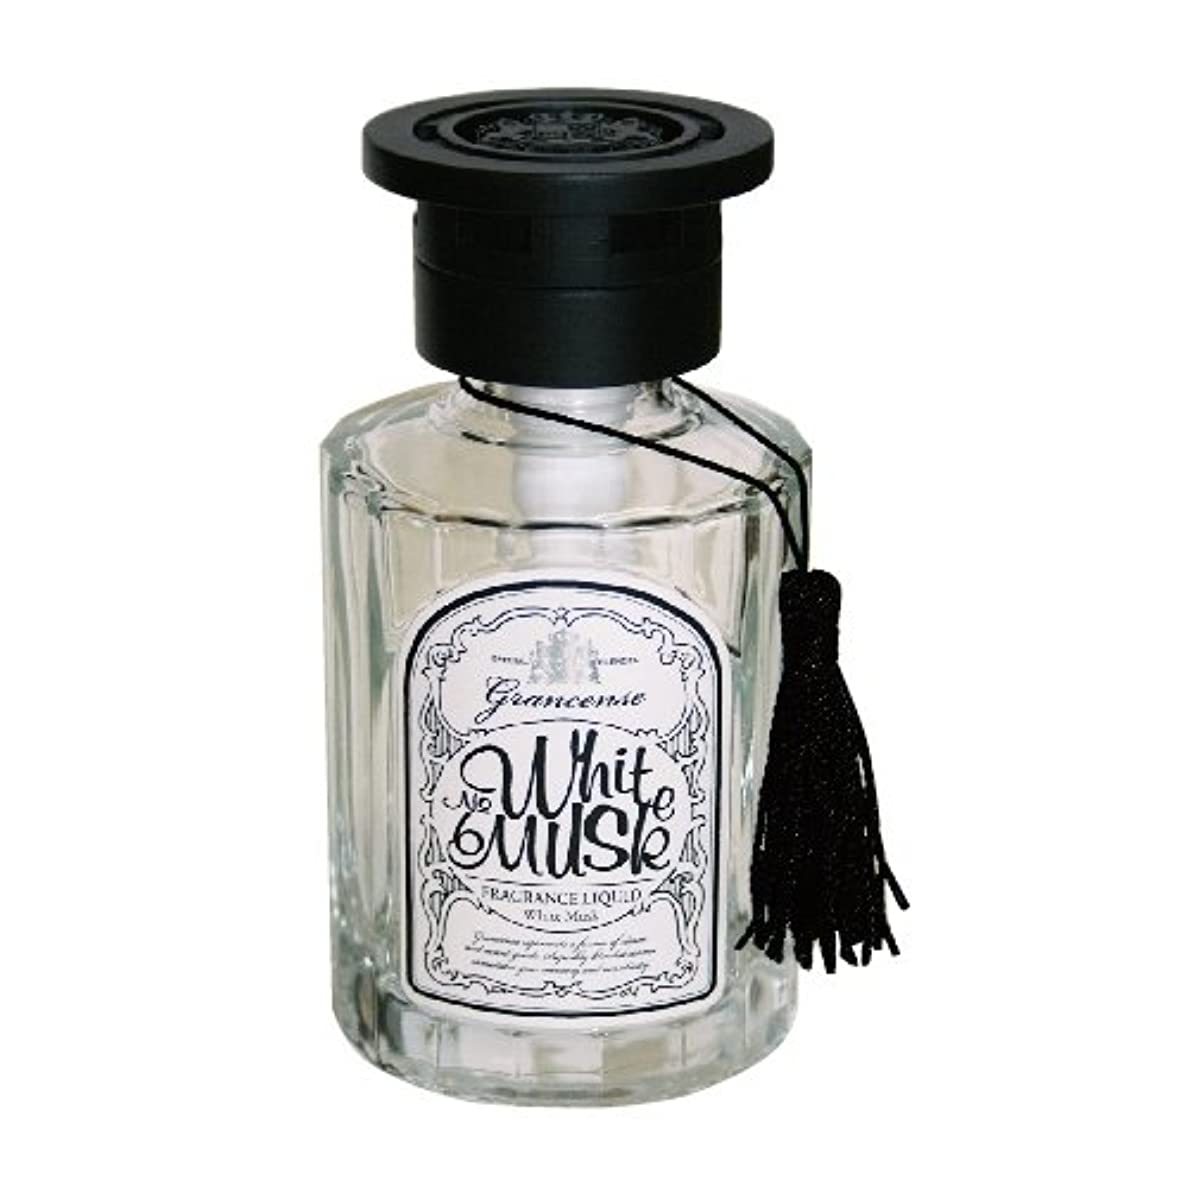 いたずら大騒ぎブラウングランセンス フレグランスリキッド(約1~1.5ヶ月) ホワイトムスク 120ml(室内用芳香剤 ルームフレグランス タッセル付 ベルガモットとミントの透明感ある香り)